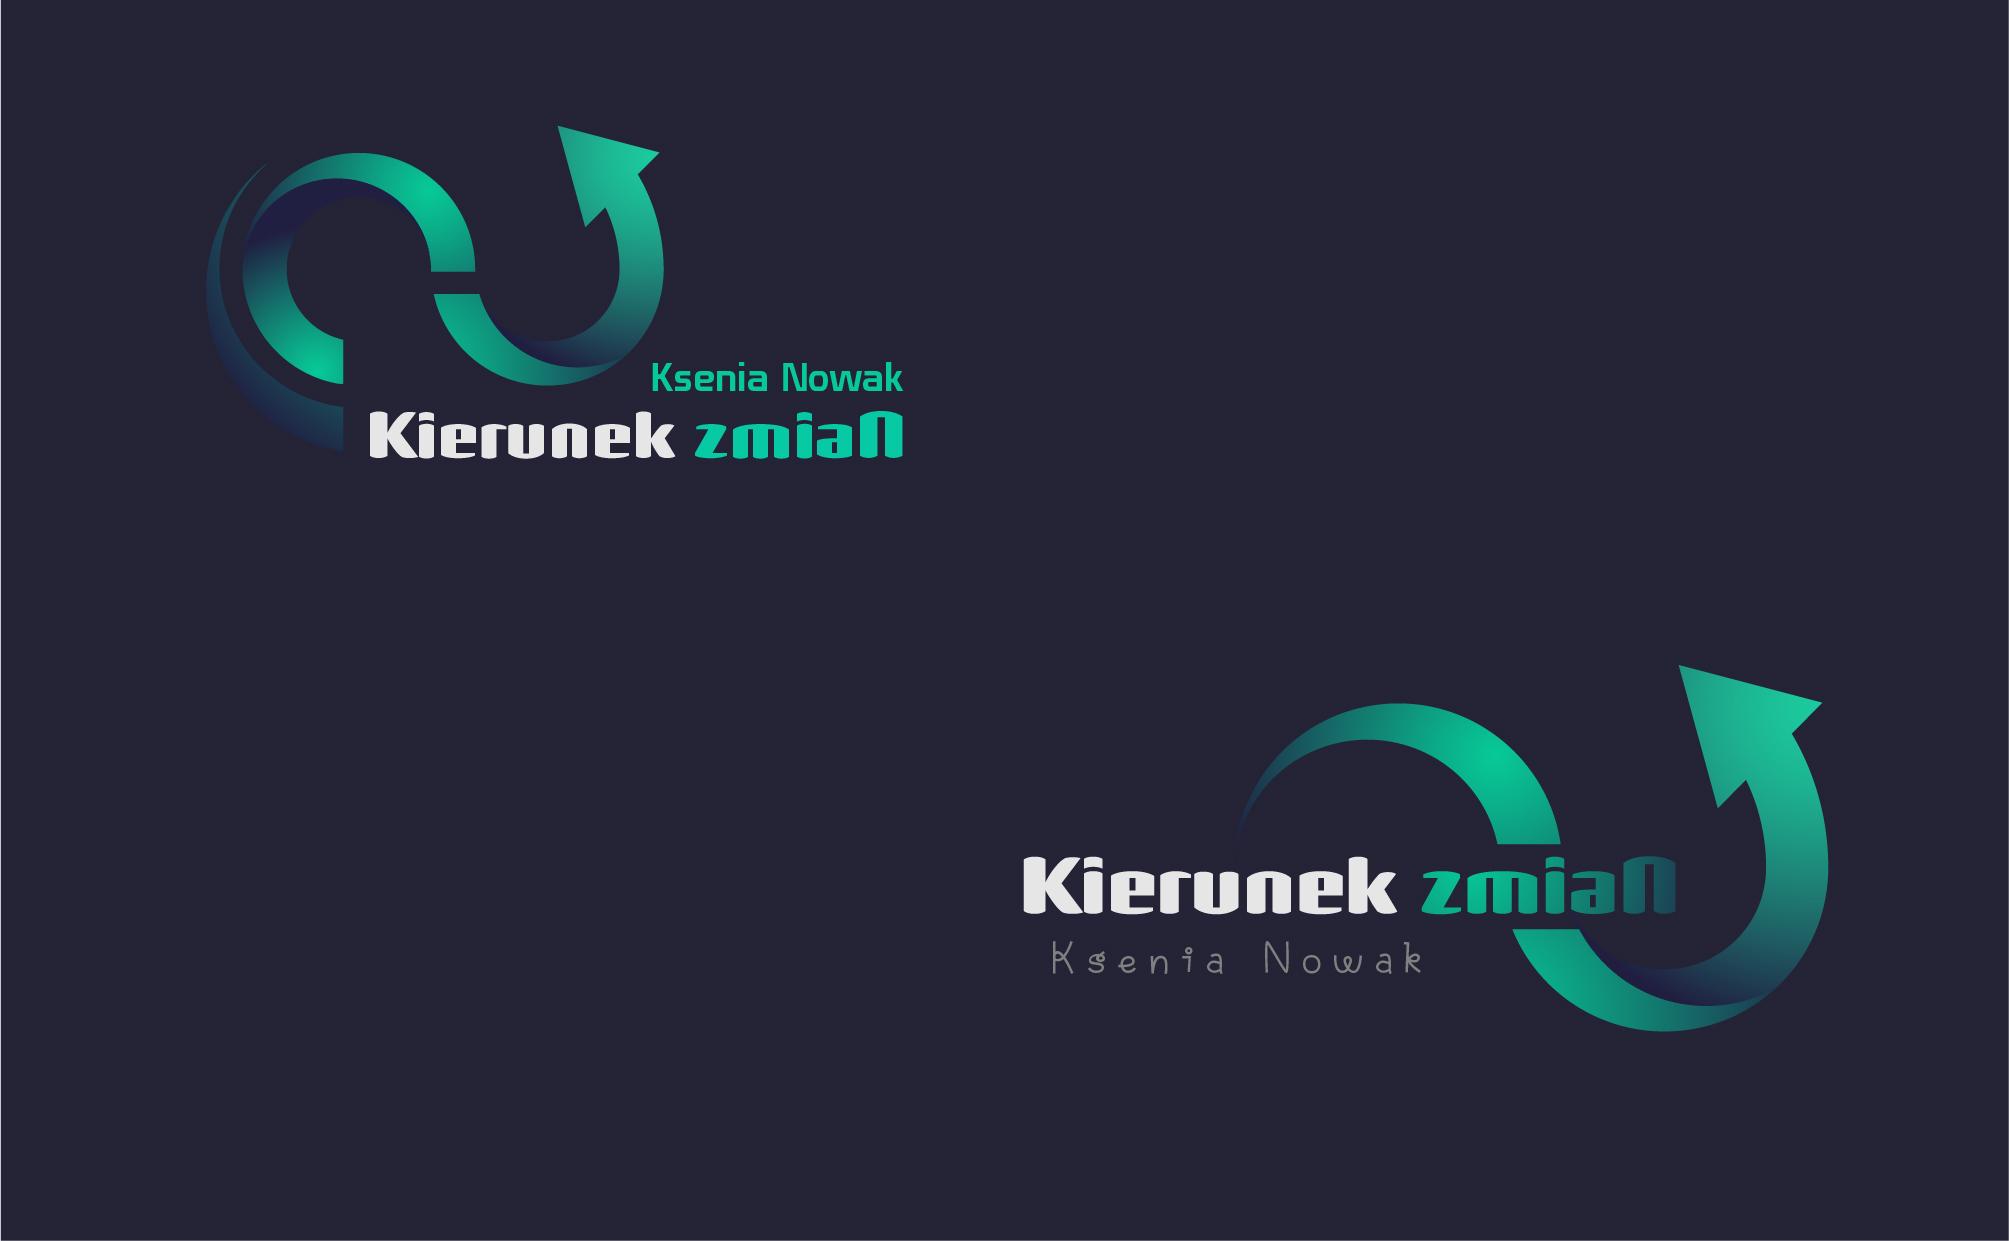 projekt logo Kierunek zmiaN-04